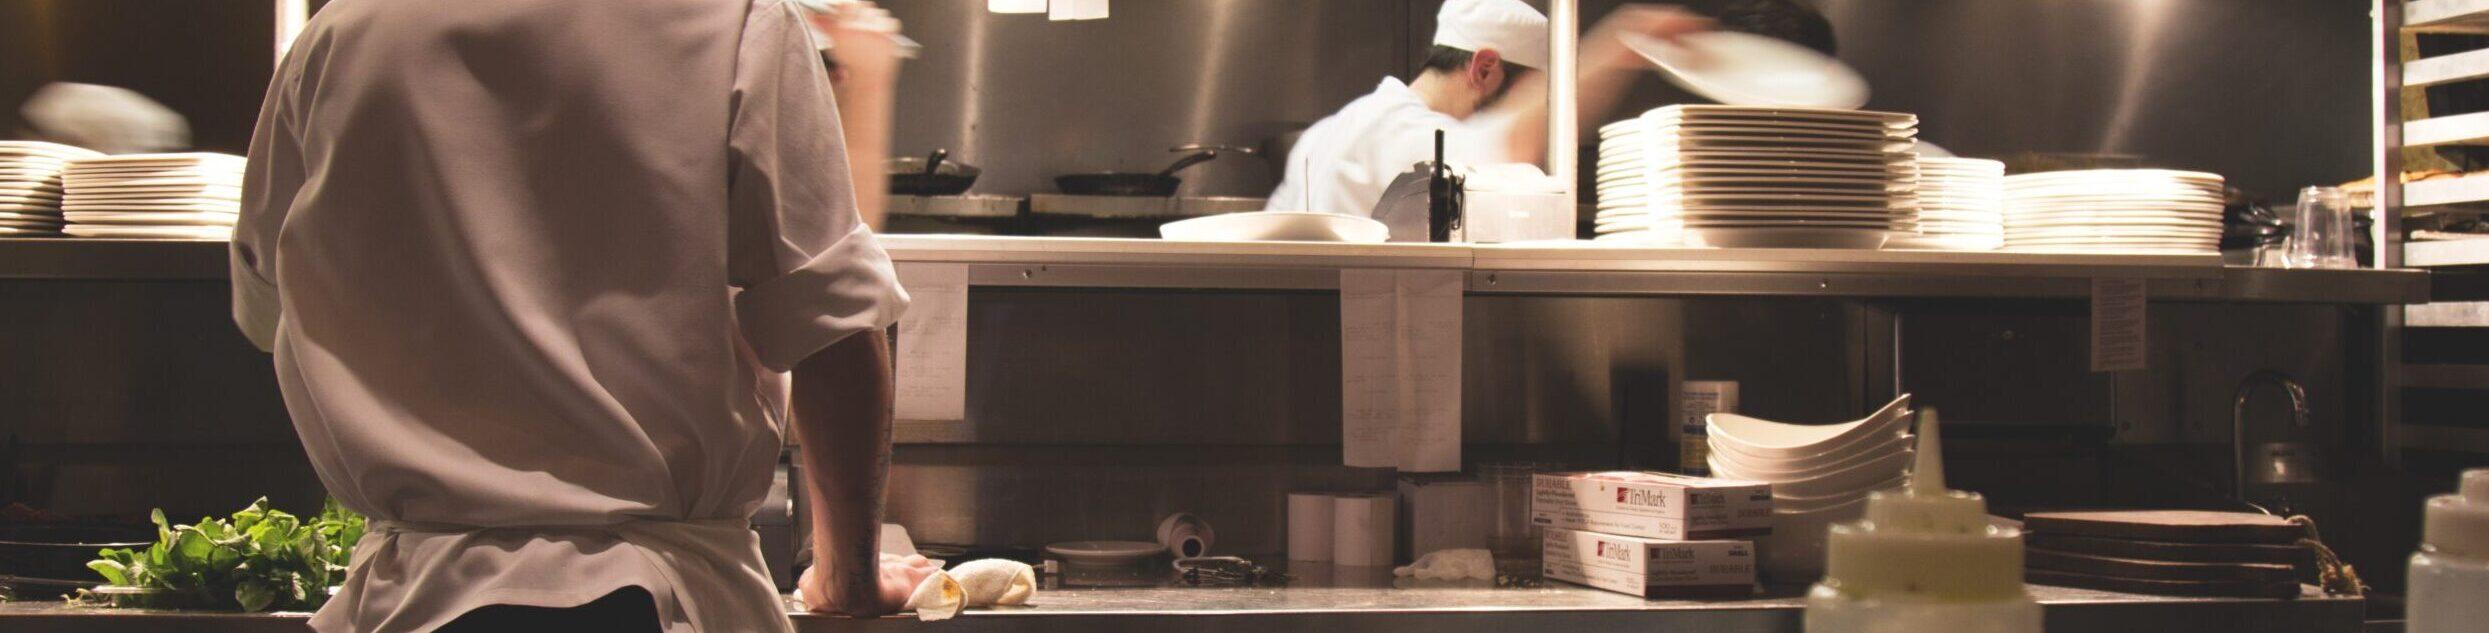 Cozinha de um restaurante ou food service